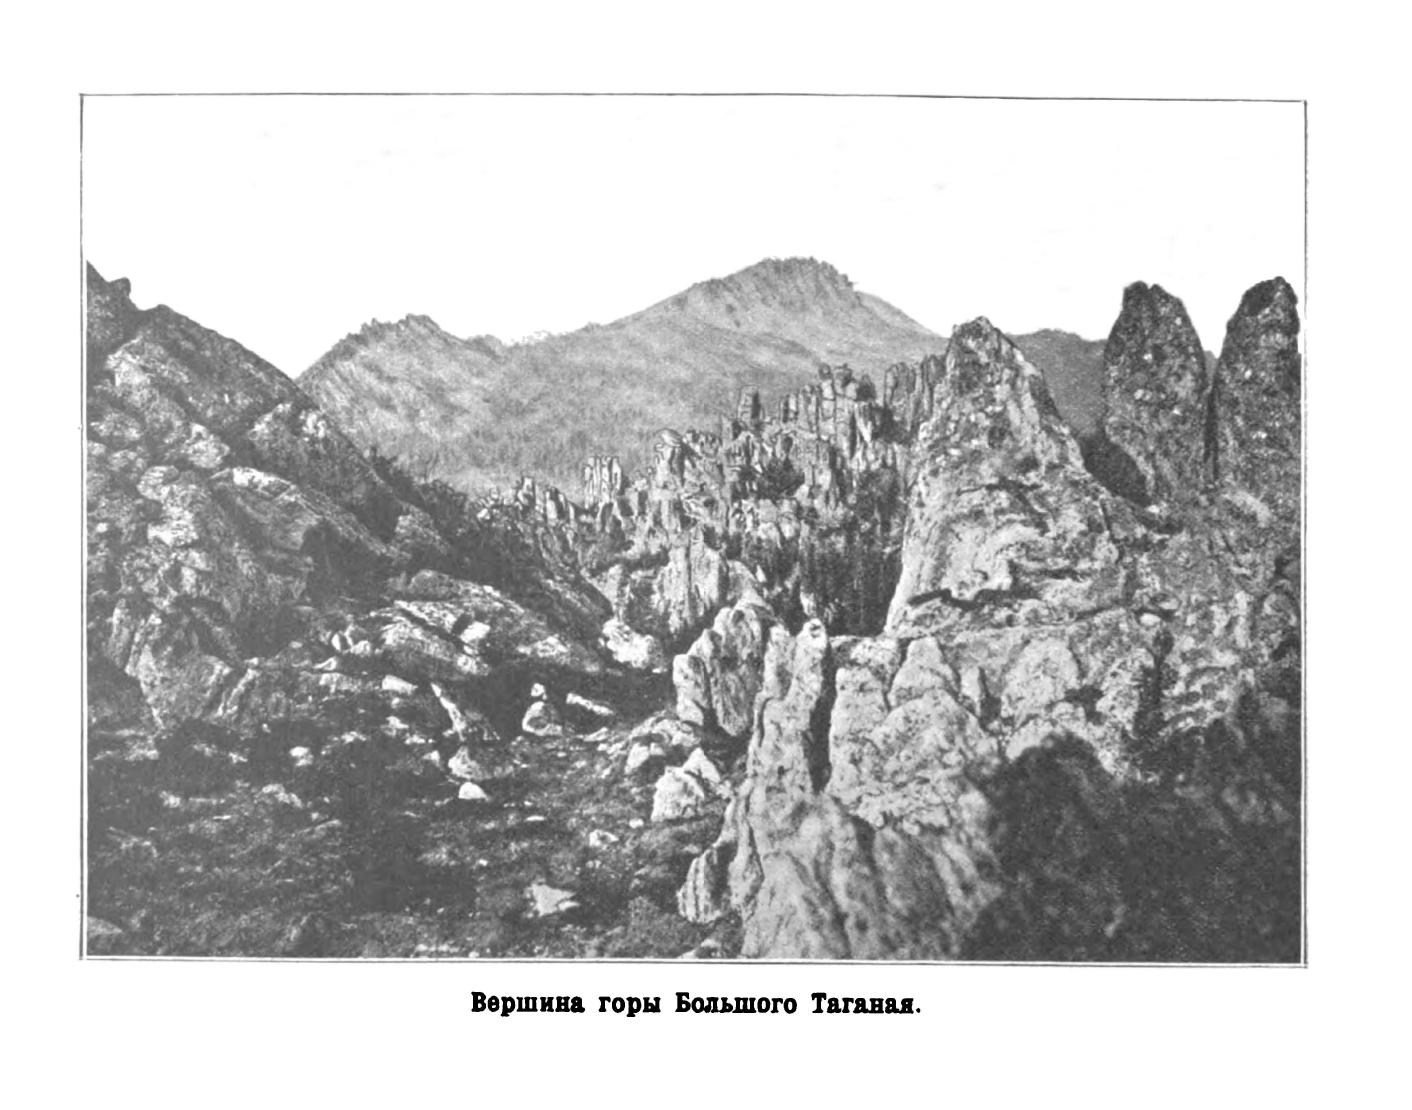 Вершина горы Большого Таганая